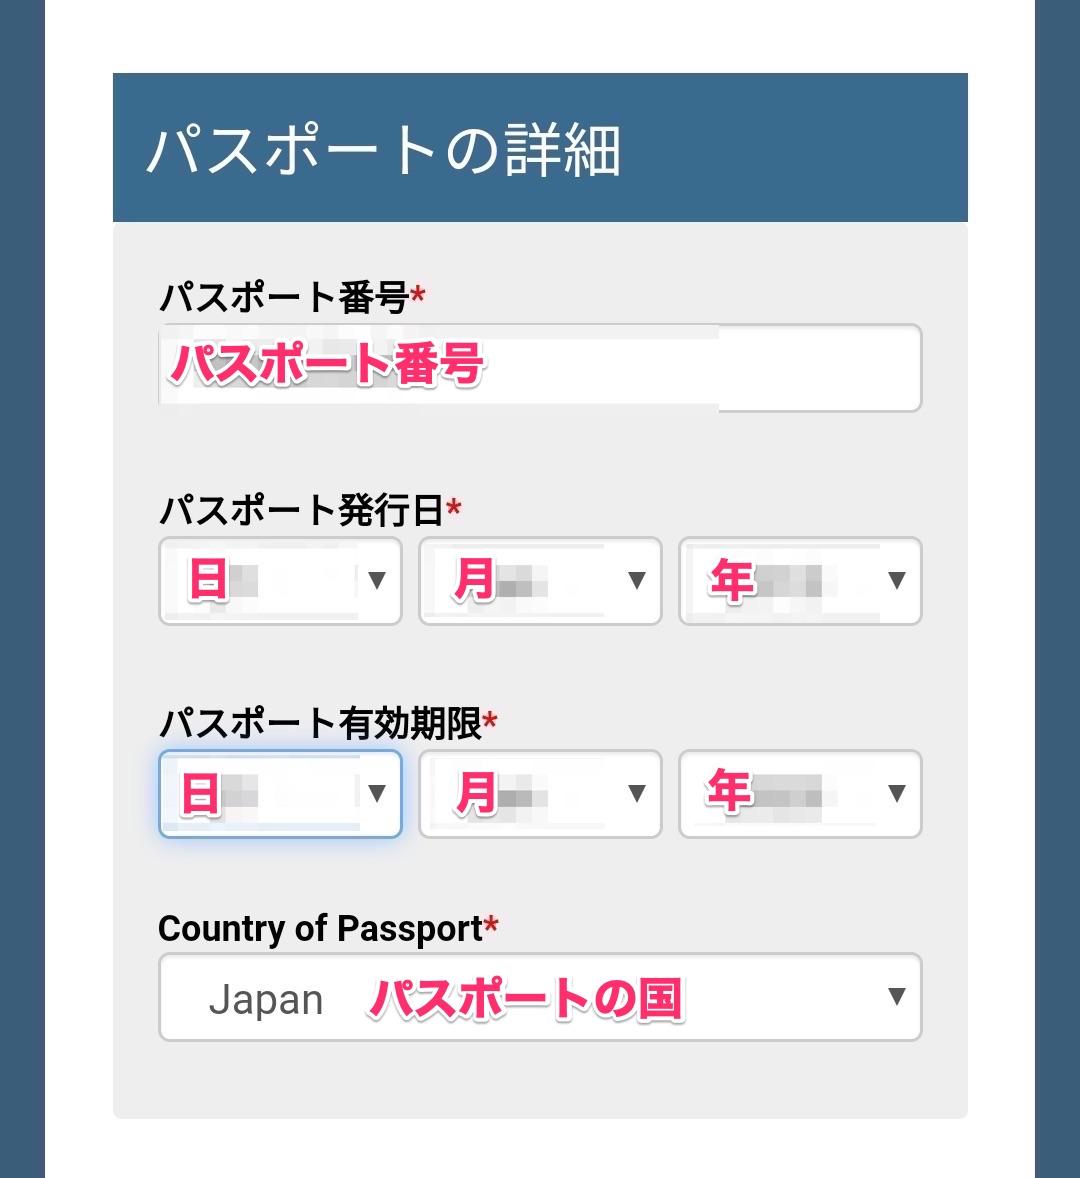 パスポートの詳細